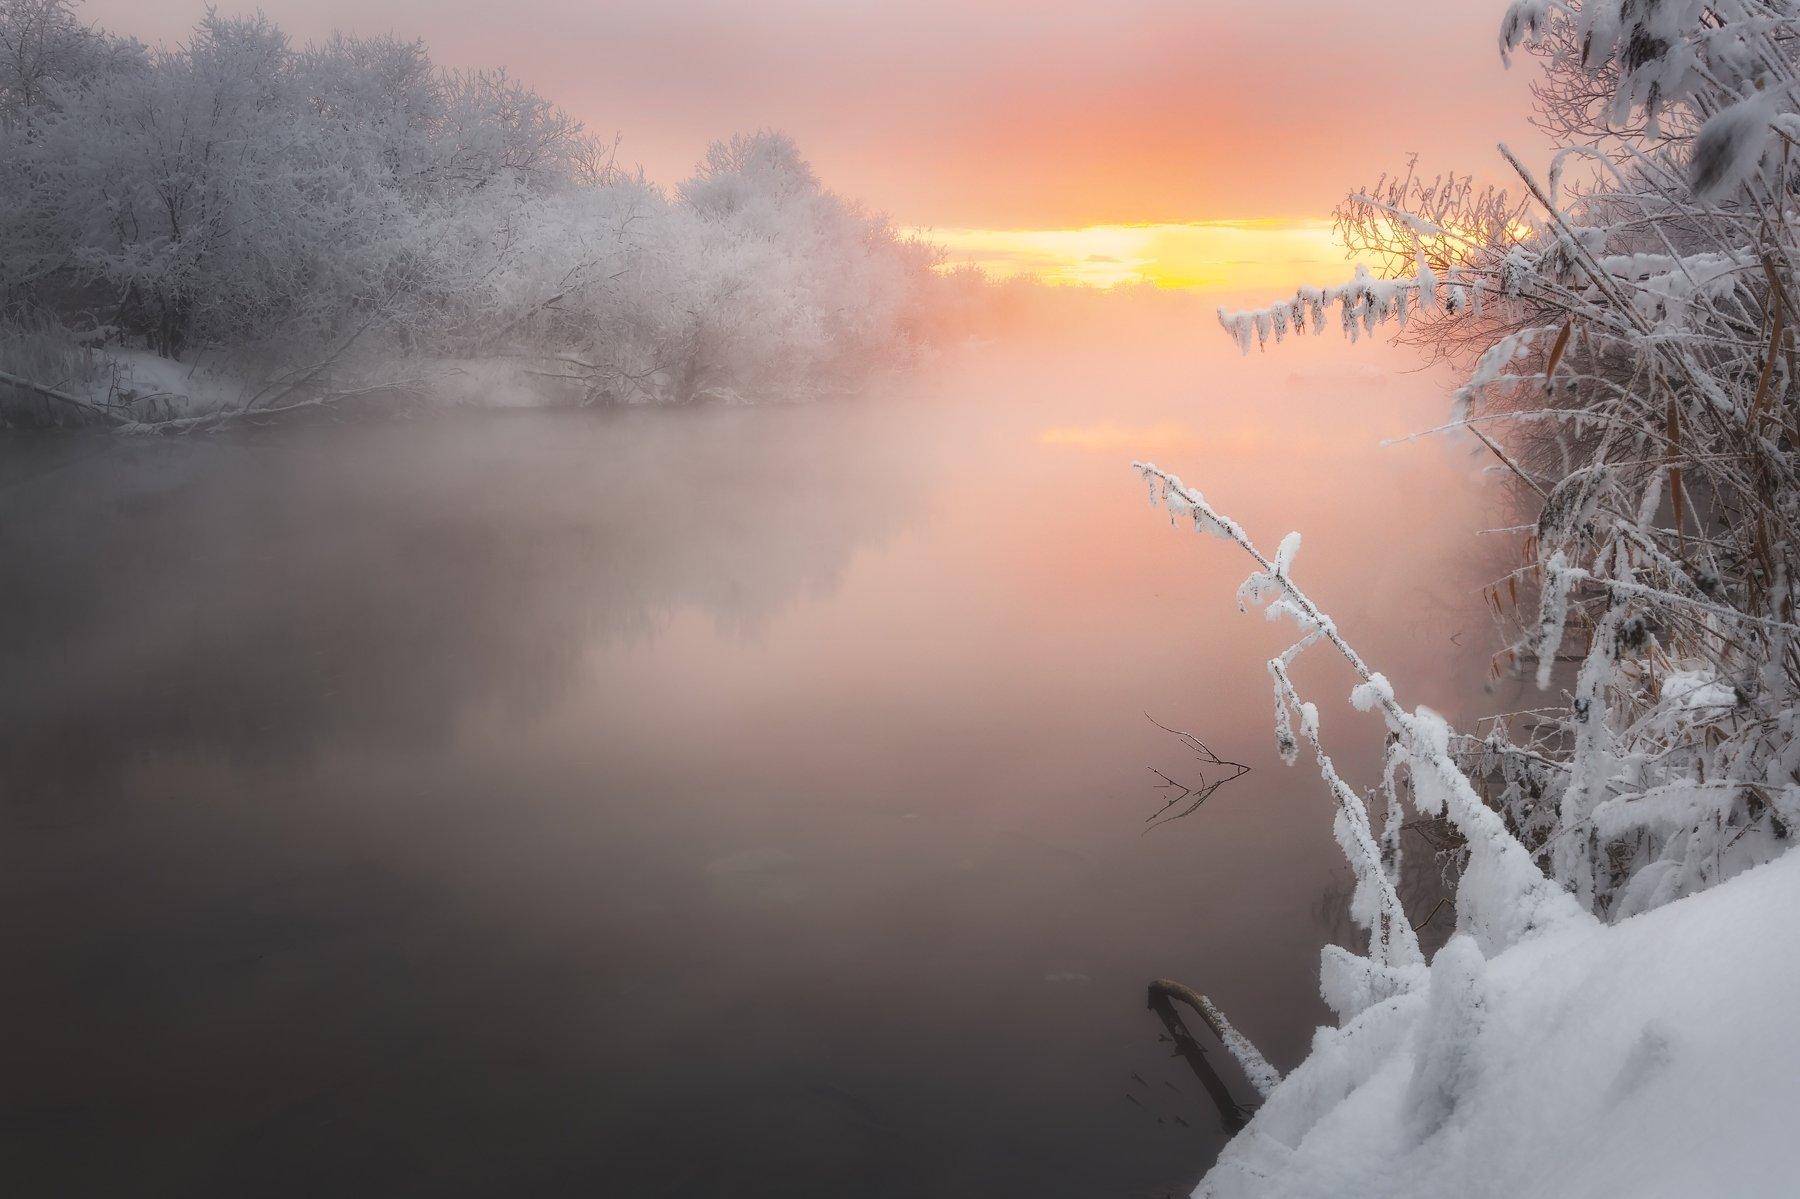 утро,река,туман,рассвет, деревья,снег, кусты, вода, отражения,екатеринбург,исеть,зима,сказка, Антон Кошетаров